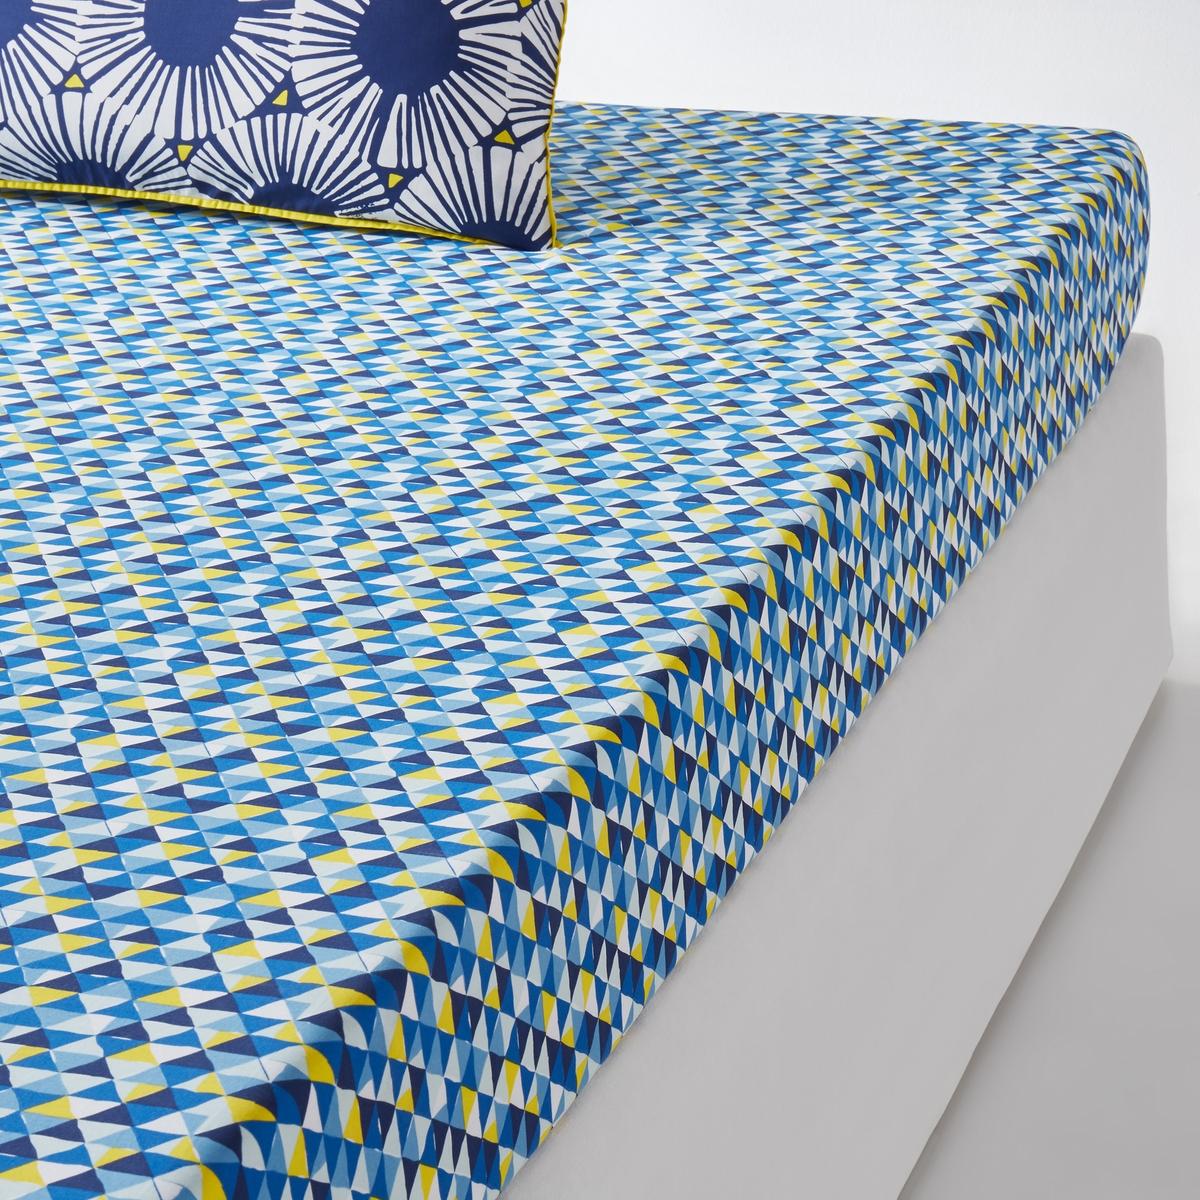 Простыня натяжная с рисунком, Blue RivieraНатяжная простыня с рисунком Blue Riviera. Натяжная простыня Blue Riviera с рисунком в виде стилизованных мотивов, сочетающихся с постельным бельем того же комплекта.Характеристики натяжной простыни Blue Riviera : Натяжная простыня с микрорисунком.100% хлопок, 57 нитей/см? : чем больше нитей/см?, тем выше качество ткани.Клапан 25 см.Легкость ухода.Машинная стирка при 60 °С.Всю коллекцию постельного белья Blue Riviera вы можете найти на сайте laredoute.ru Знак Oeko-Tex® гарантирует, что товары прошли проверку и были изготовлены без применения вредных для здоровья человека веществ.Размеры :90 x 190 см : 1-сп.140 x 190 см : 2-сп.160 x 200 см : 2-сп.180 x 200 см : 2-сп.<br><br>Цвет: белый/синий/желтый<br>Размер: 90 x 190  см